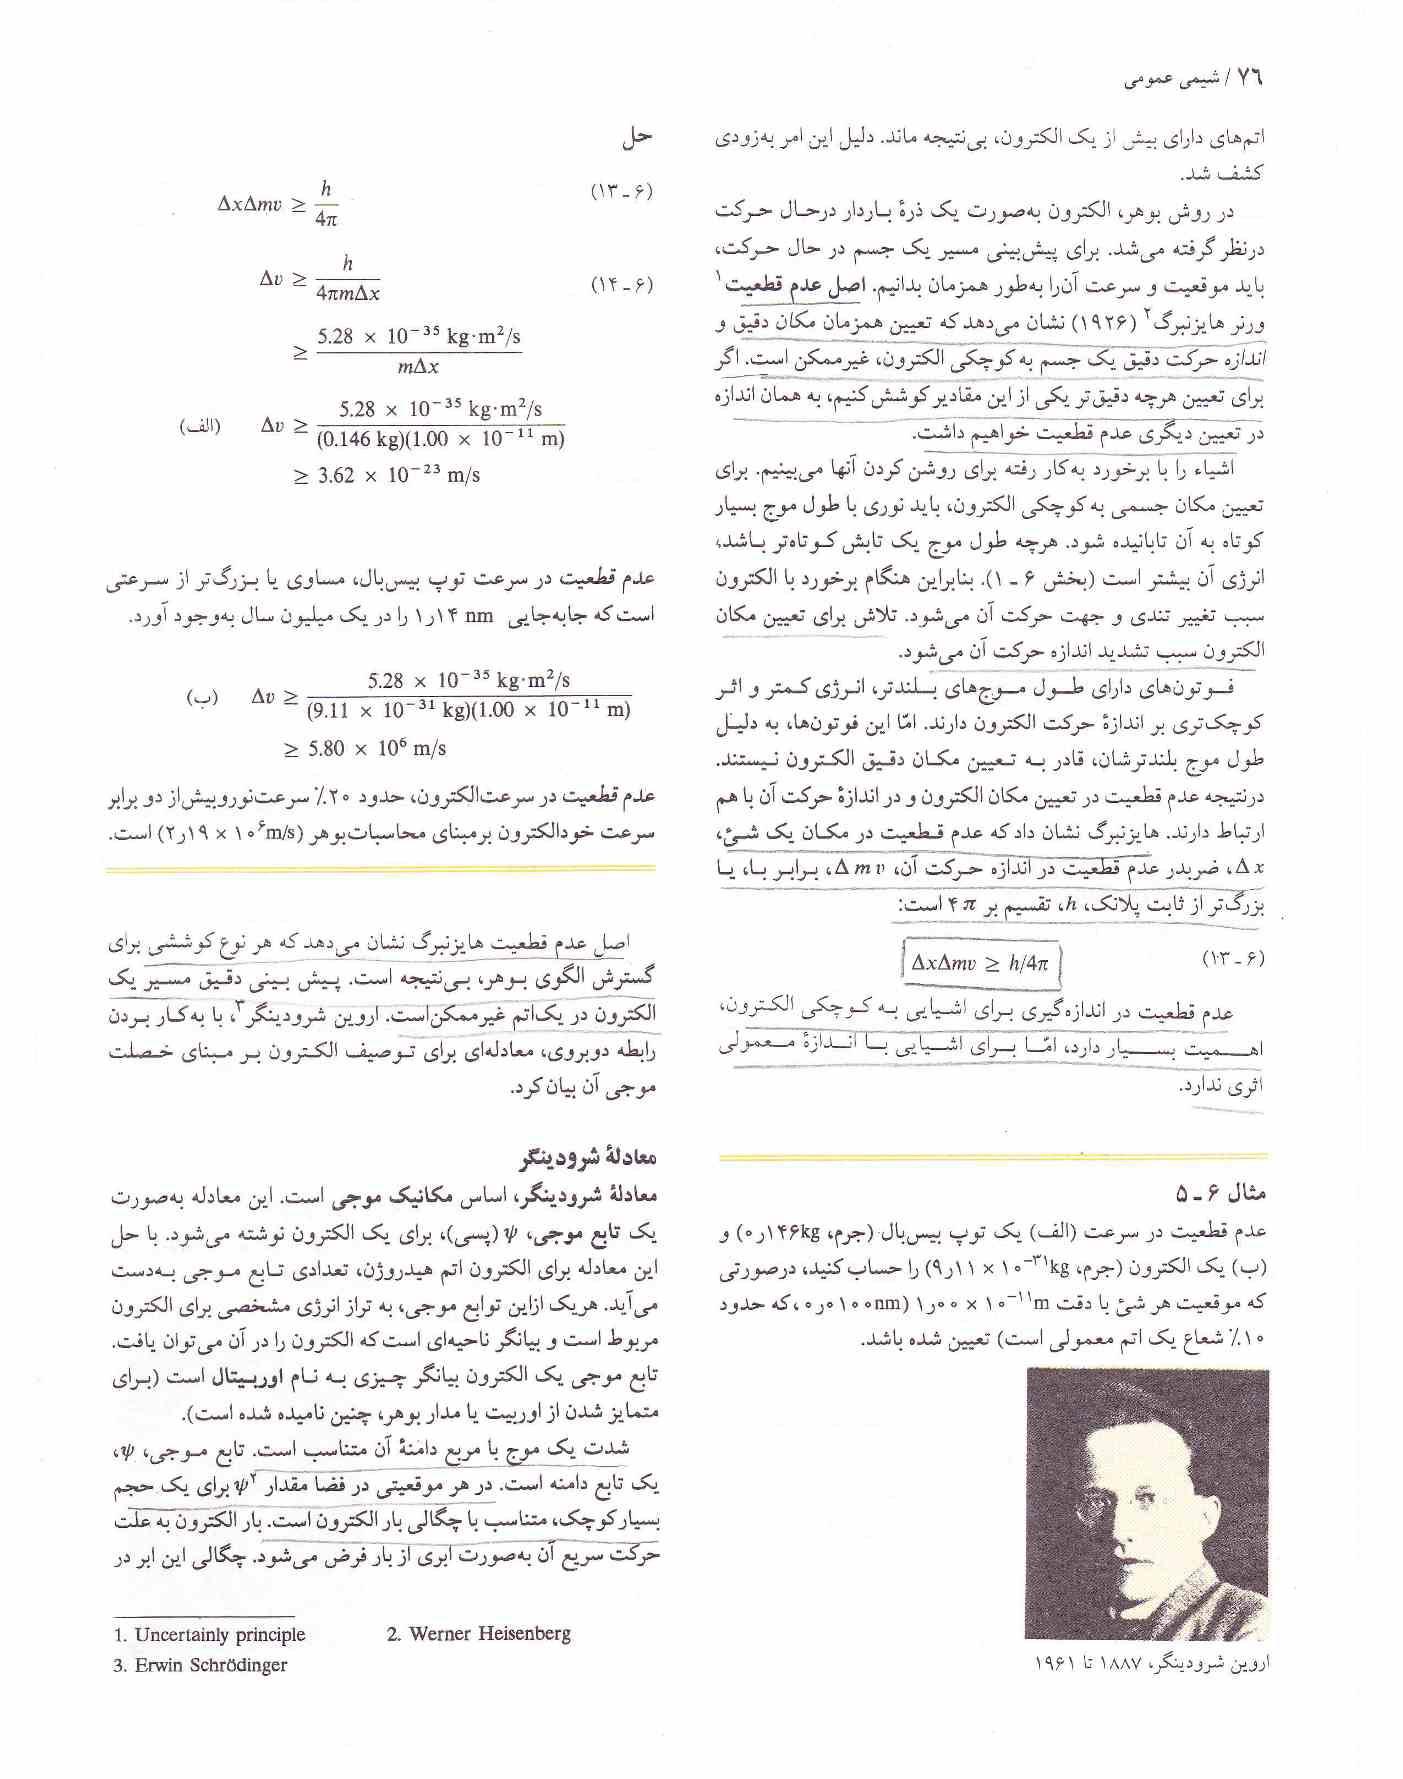 شیمی عمومی مورتیمر جلد 1 فارسی